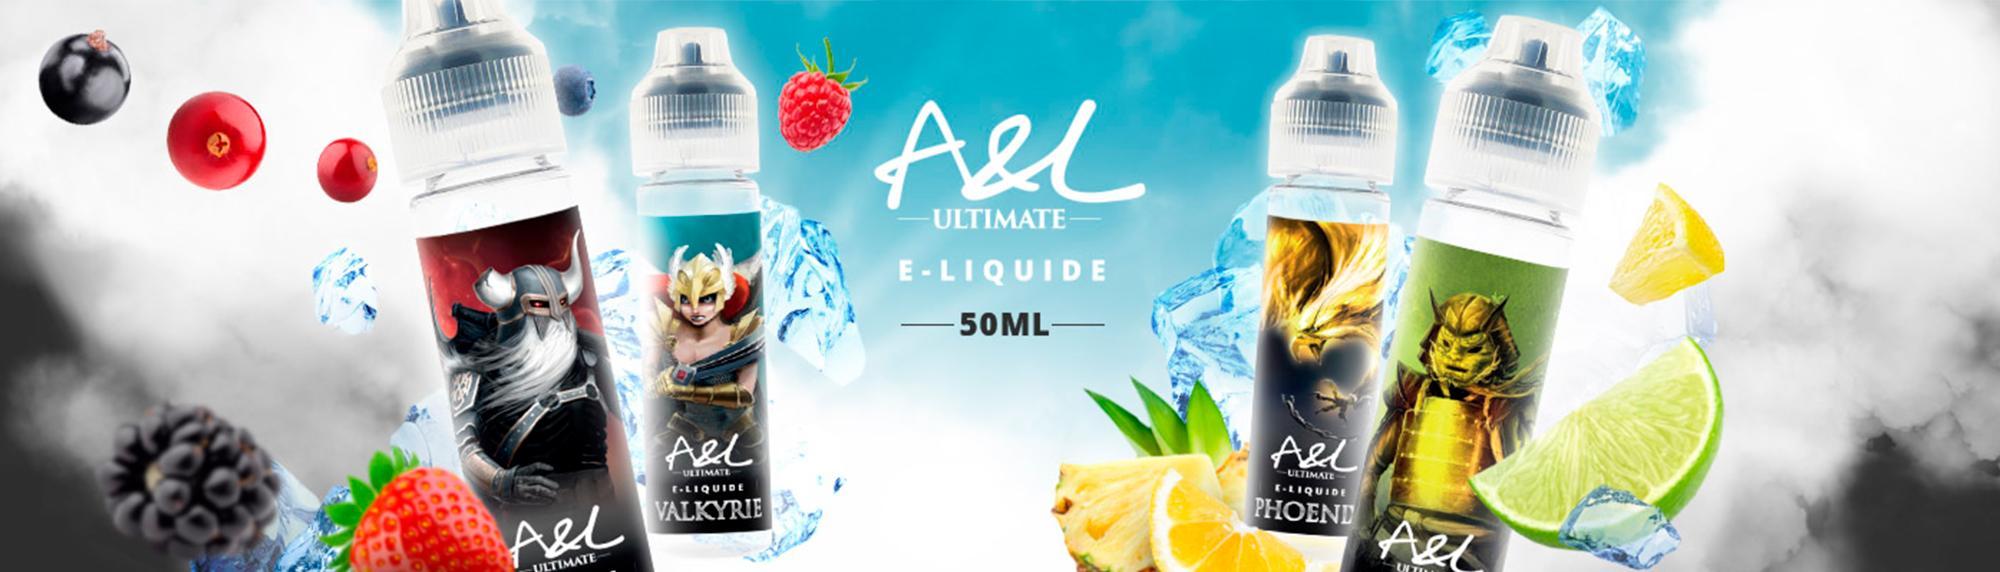 A&L formato 50ml